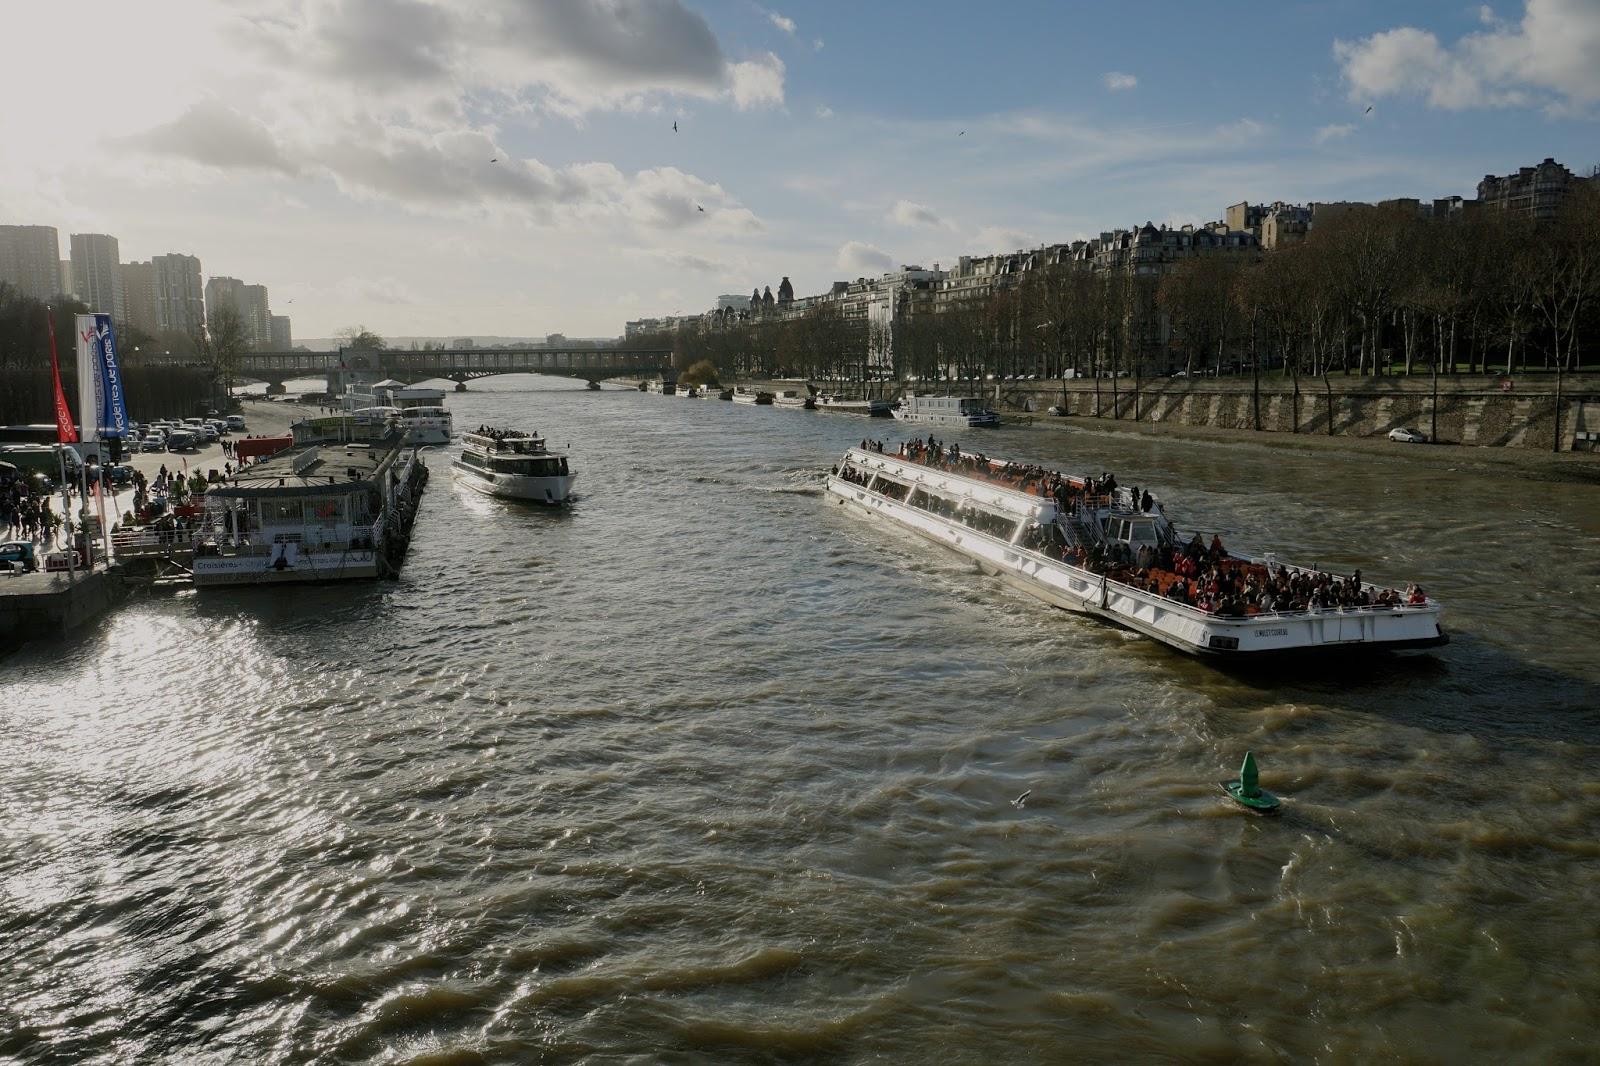 セーヌ川(La Seine)